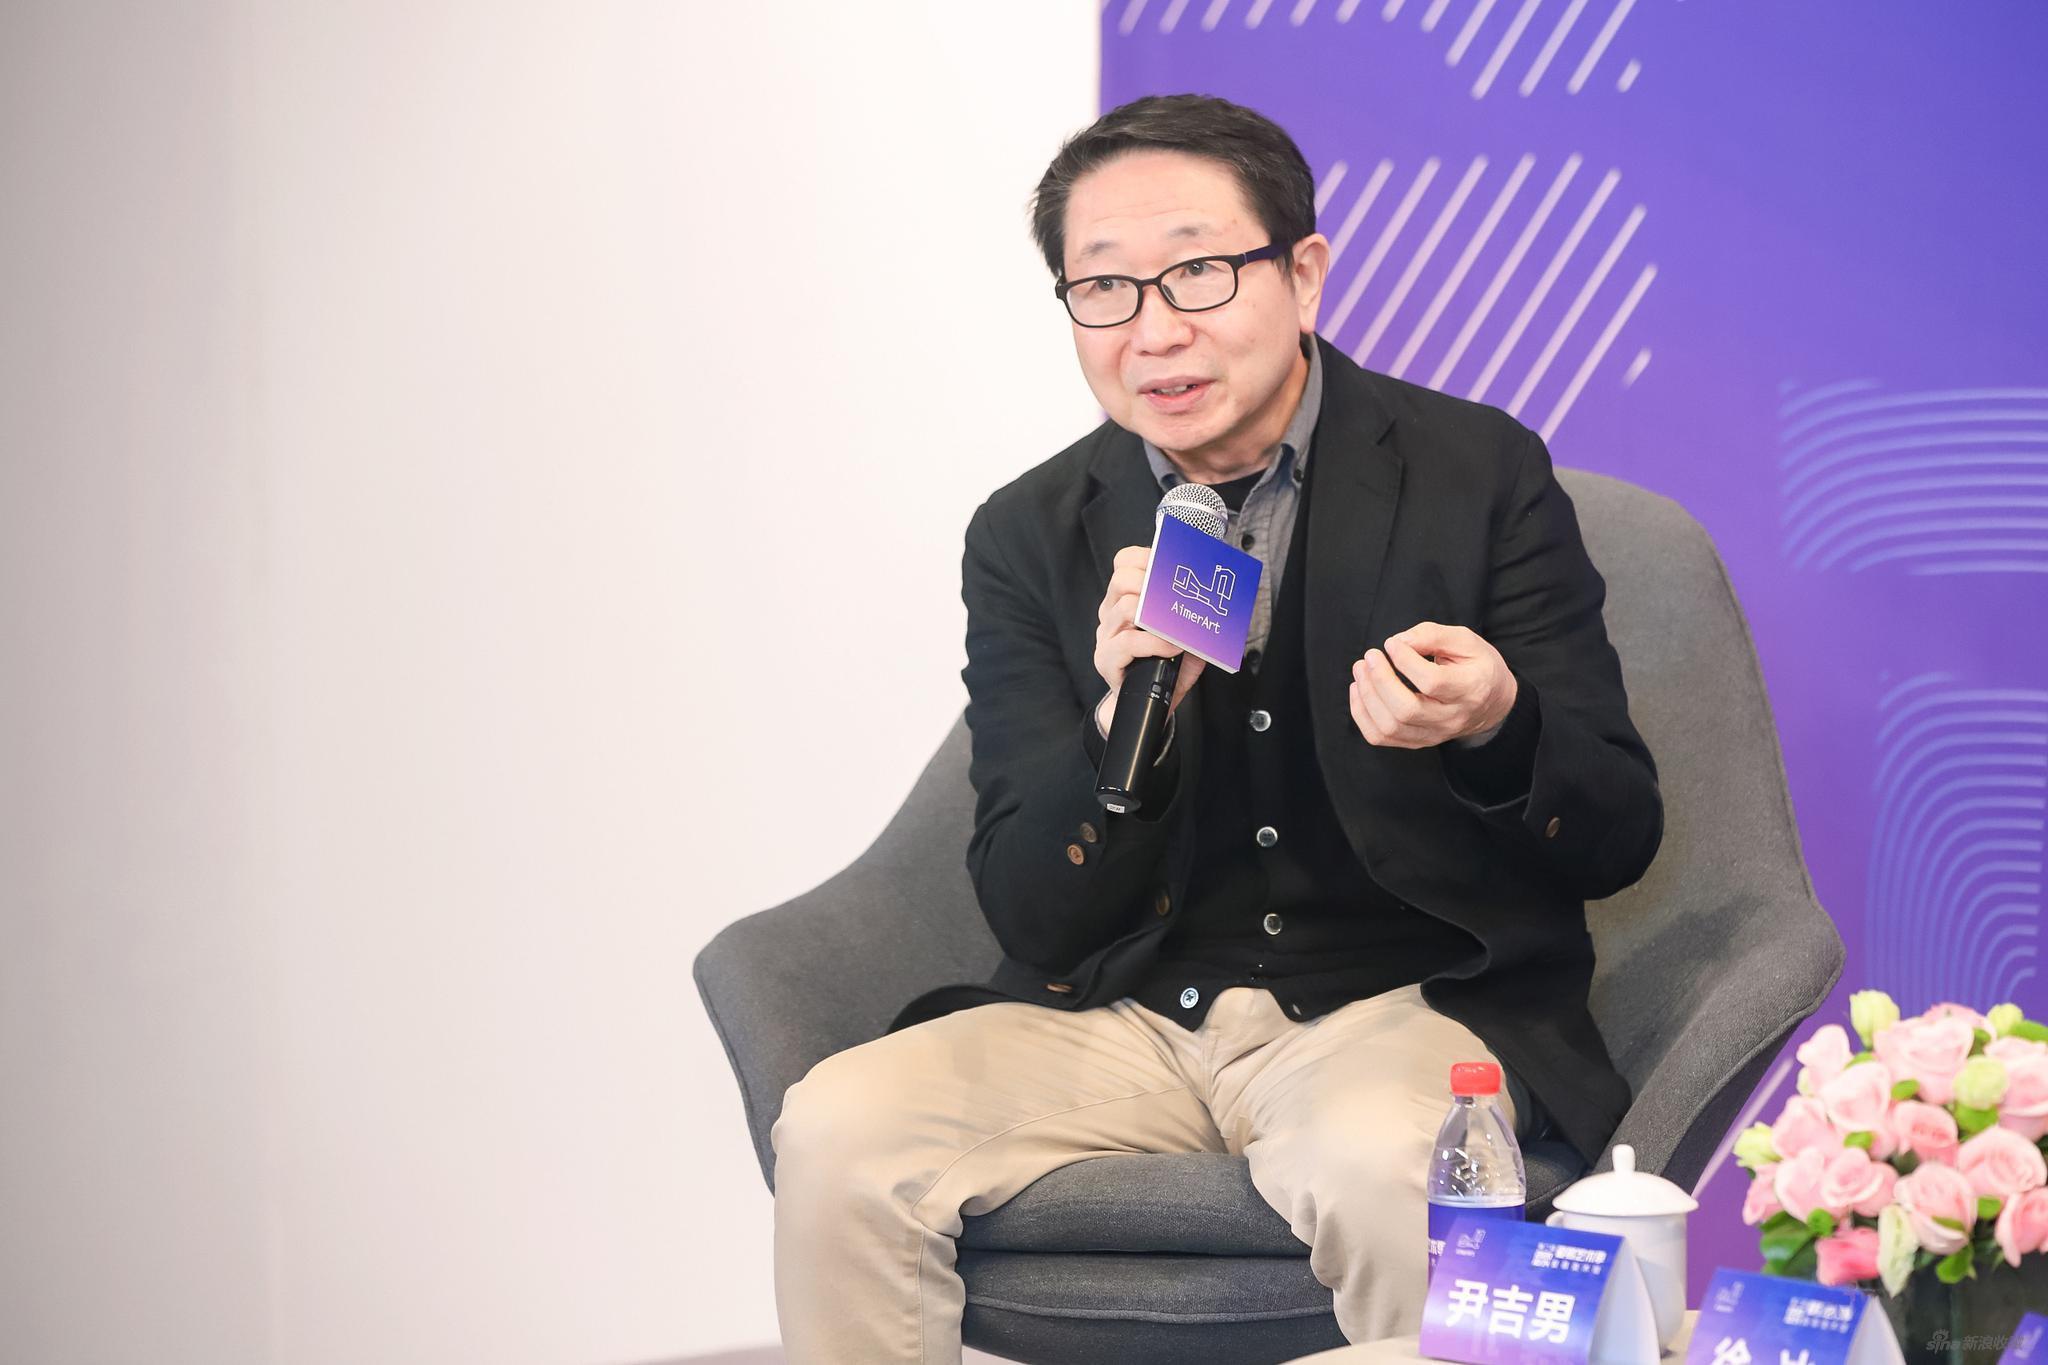 美术史家、当代美术批评家尹吉男